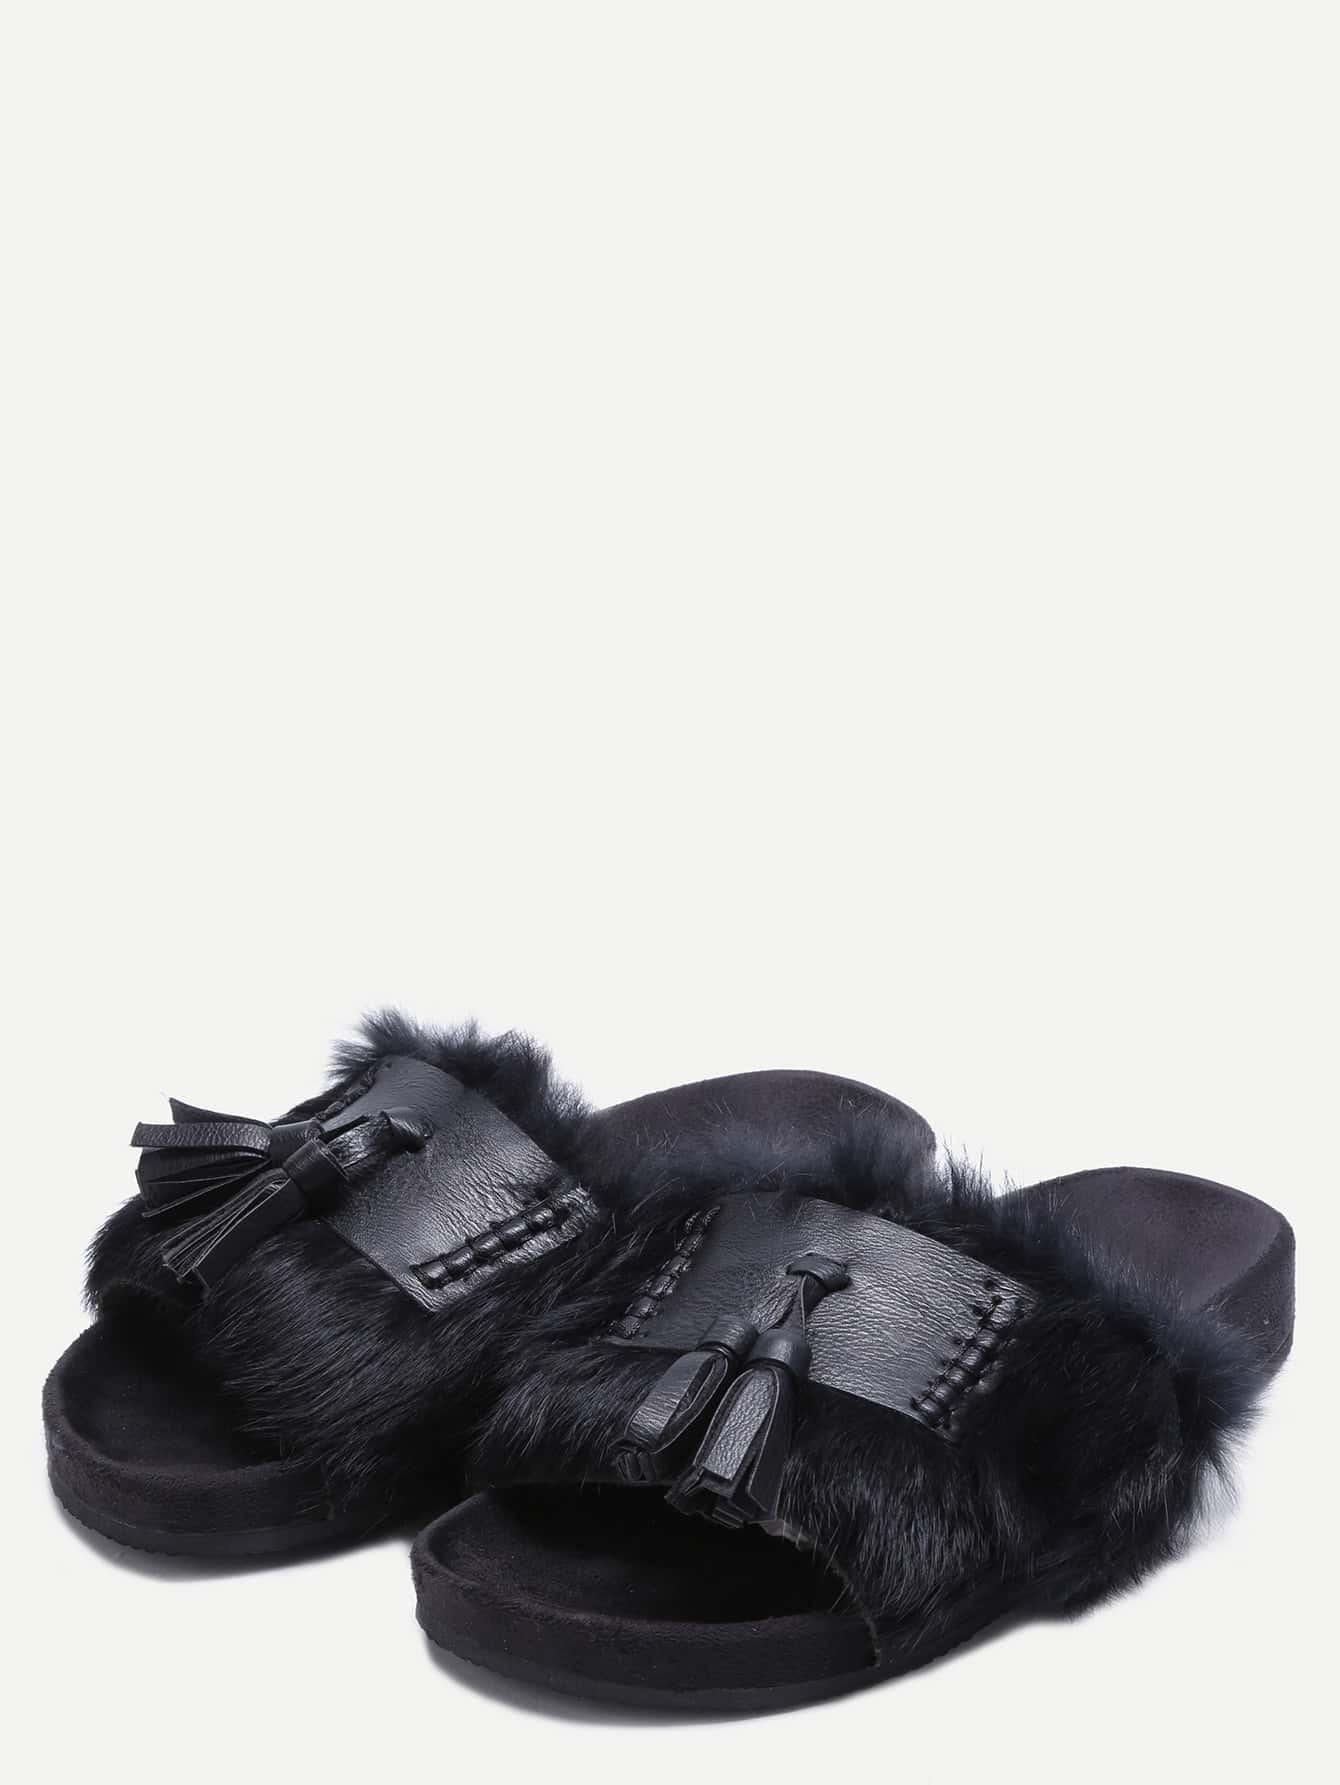 shoes161109803_2